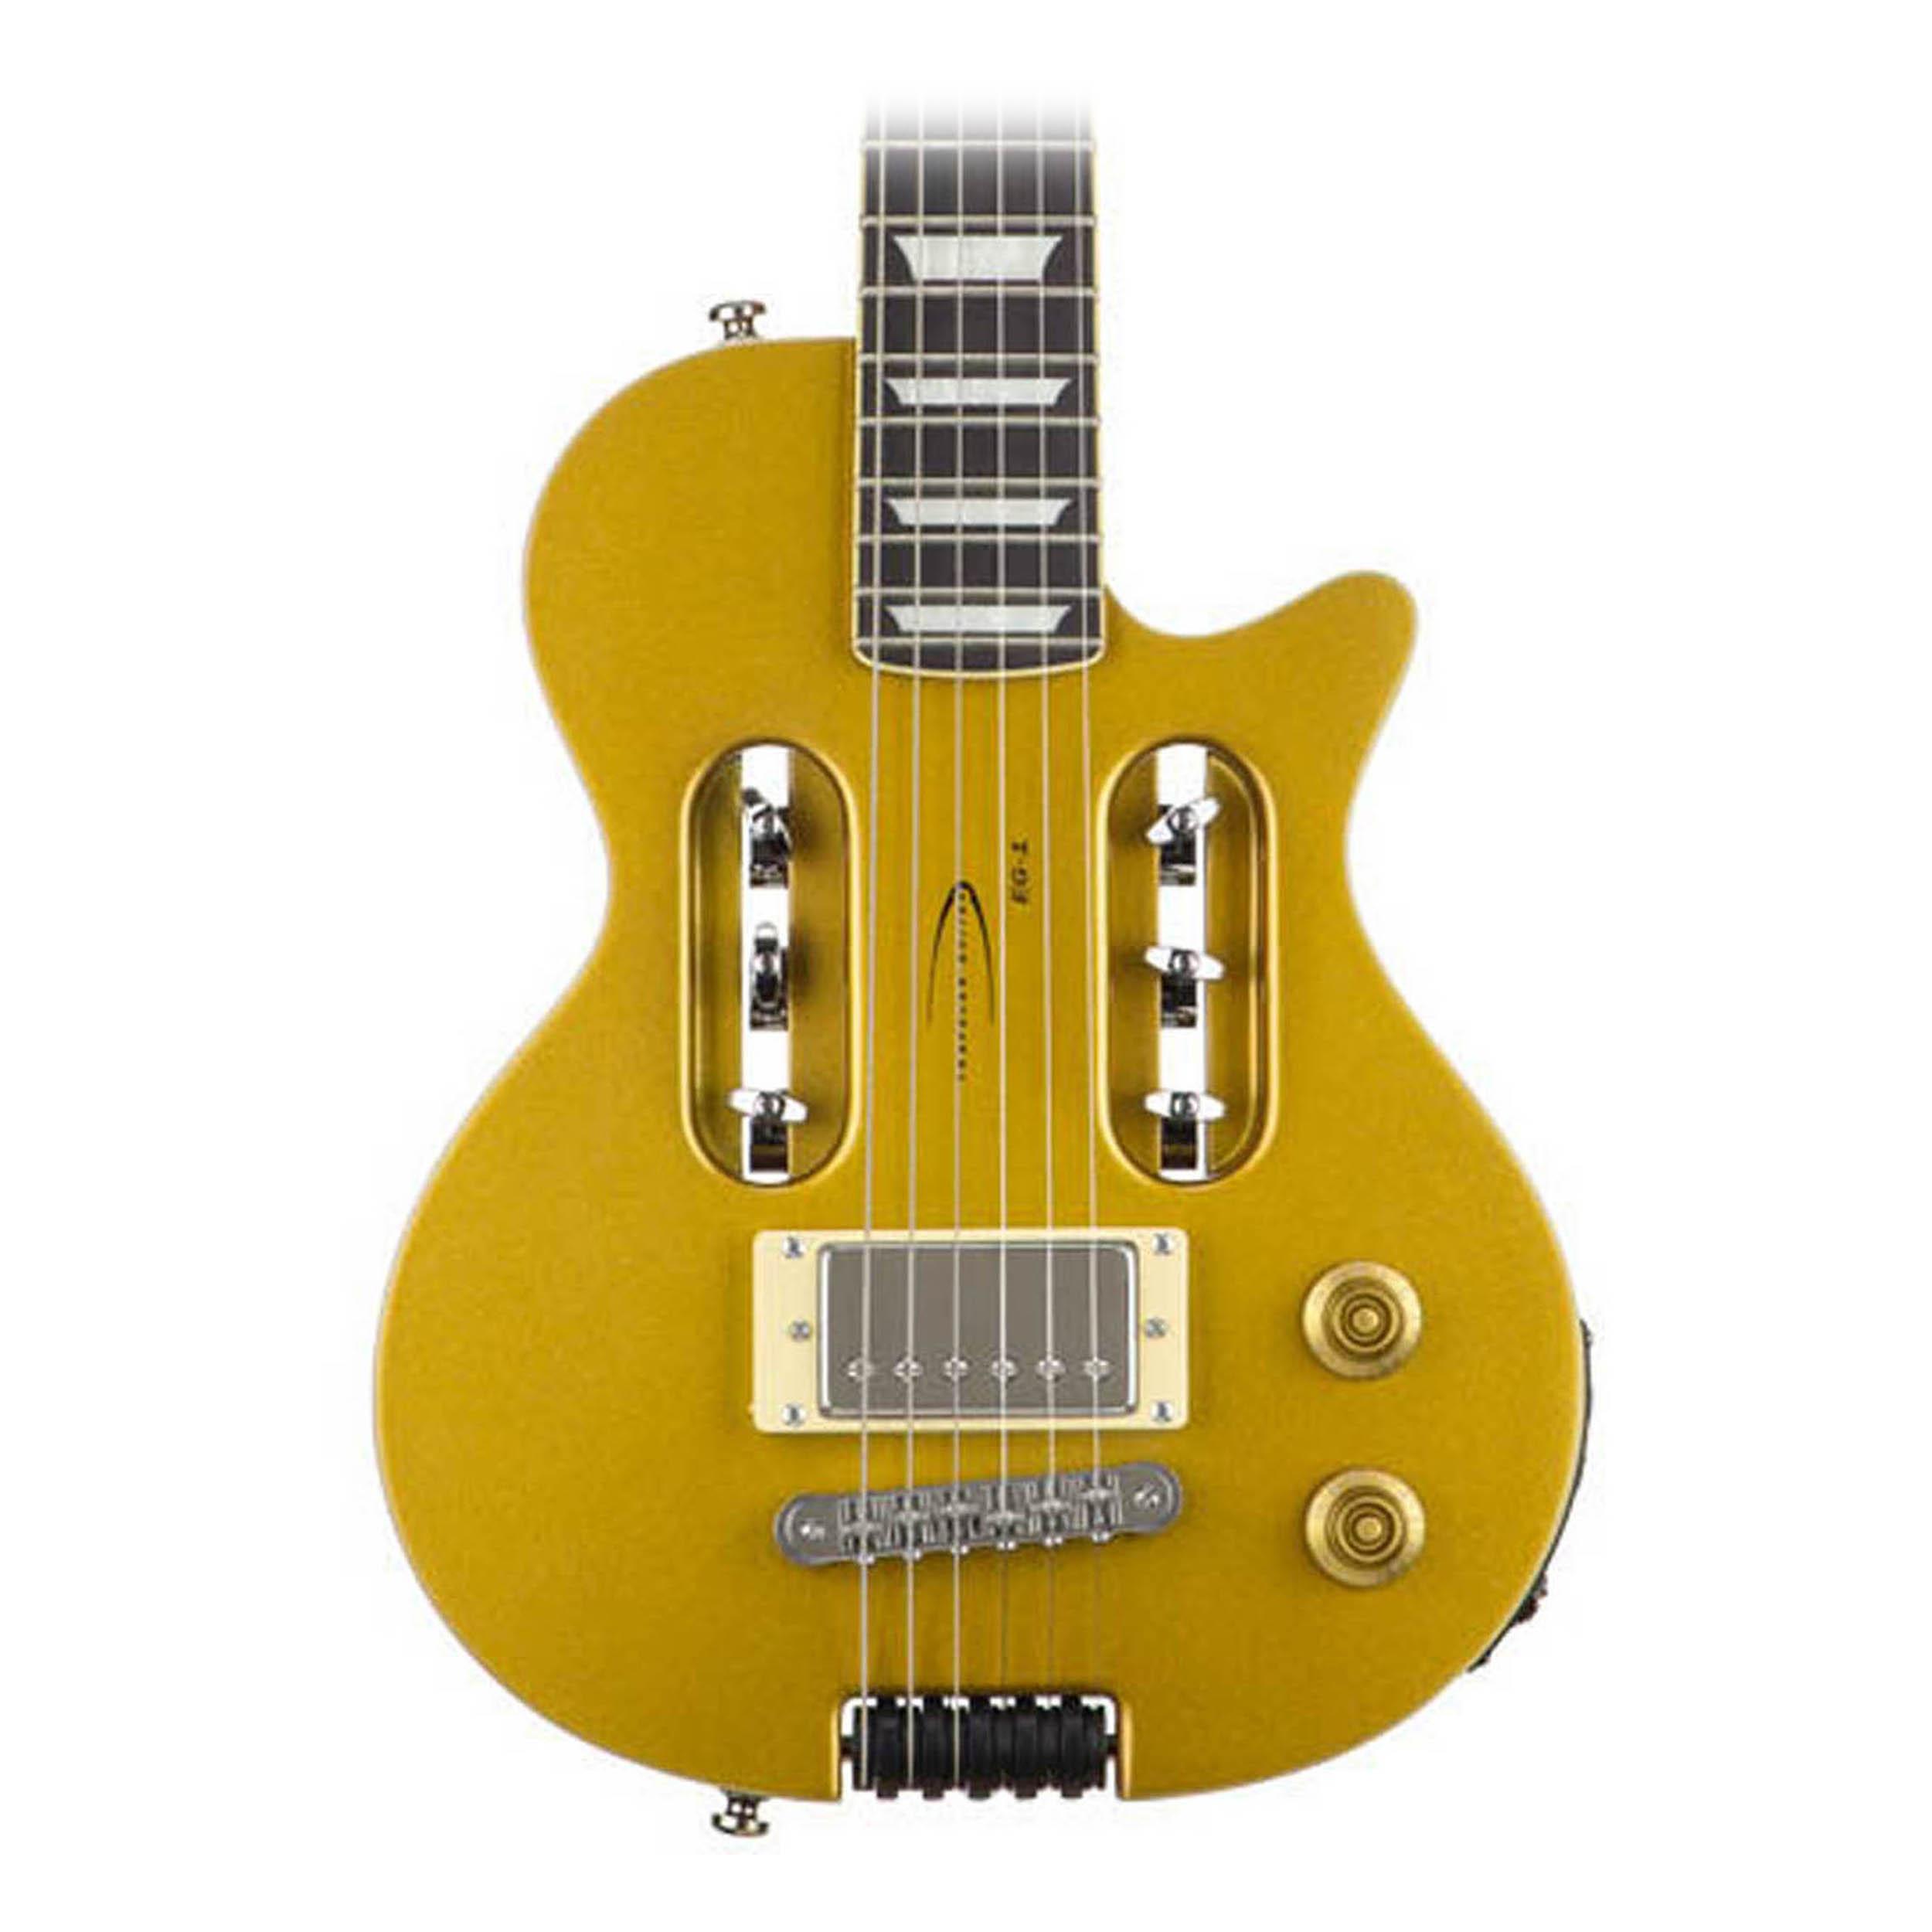 traveler guitar eg 1 custom electric travel guitar gold ebay. Black Bedroom Furniture Sets. Home Design Ideas